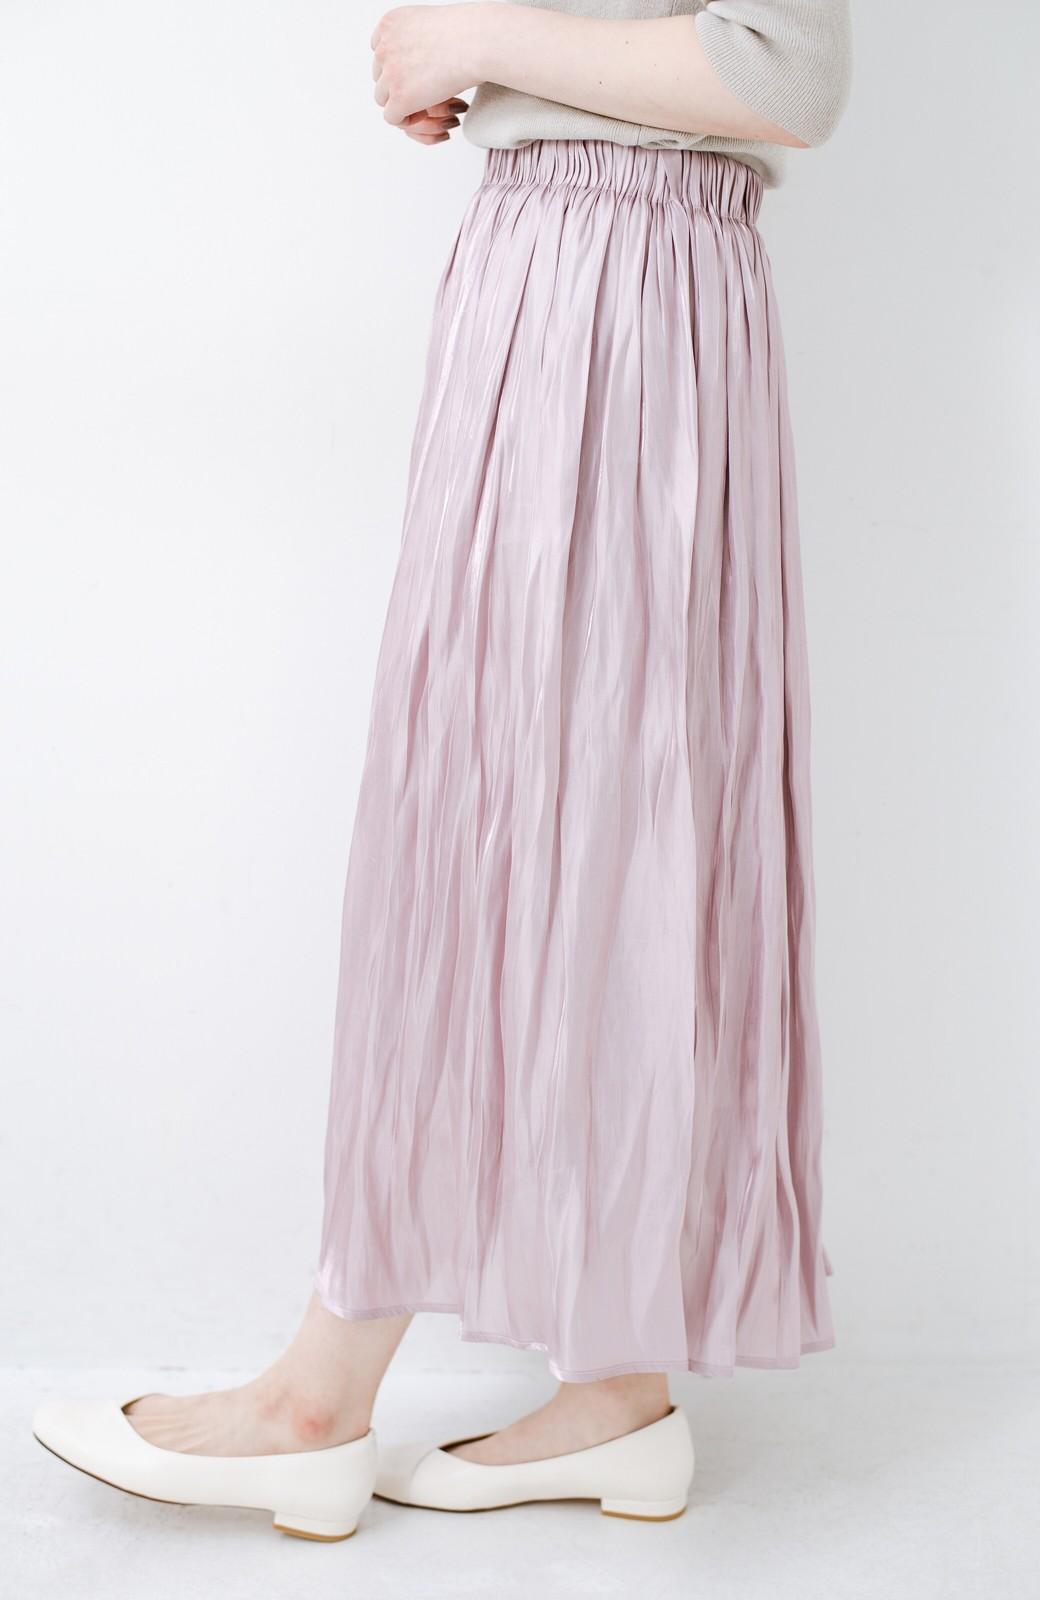 haco! 1枚でも重ね着にも便利なキラキラ素材がかわいいロングスカート by laulea <スモークピンク>の商品写真3